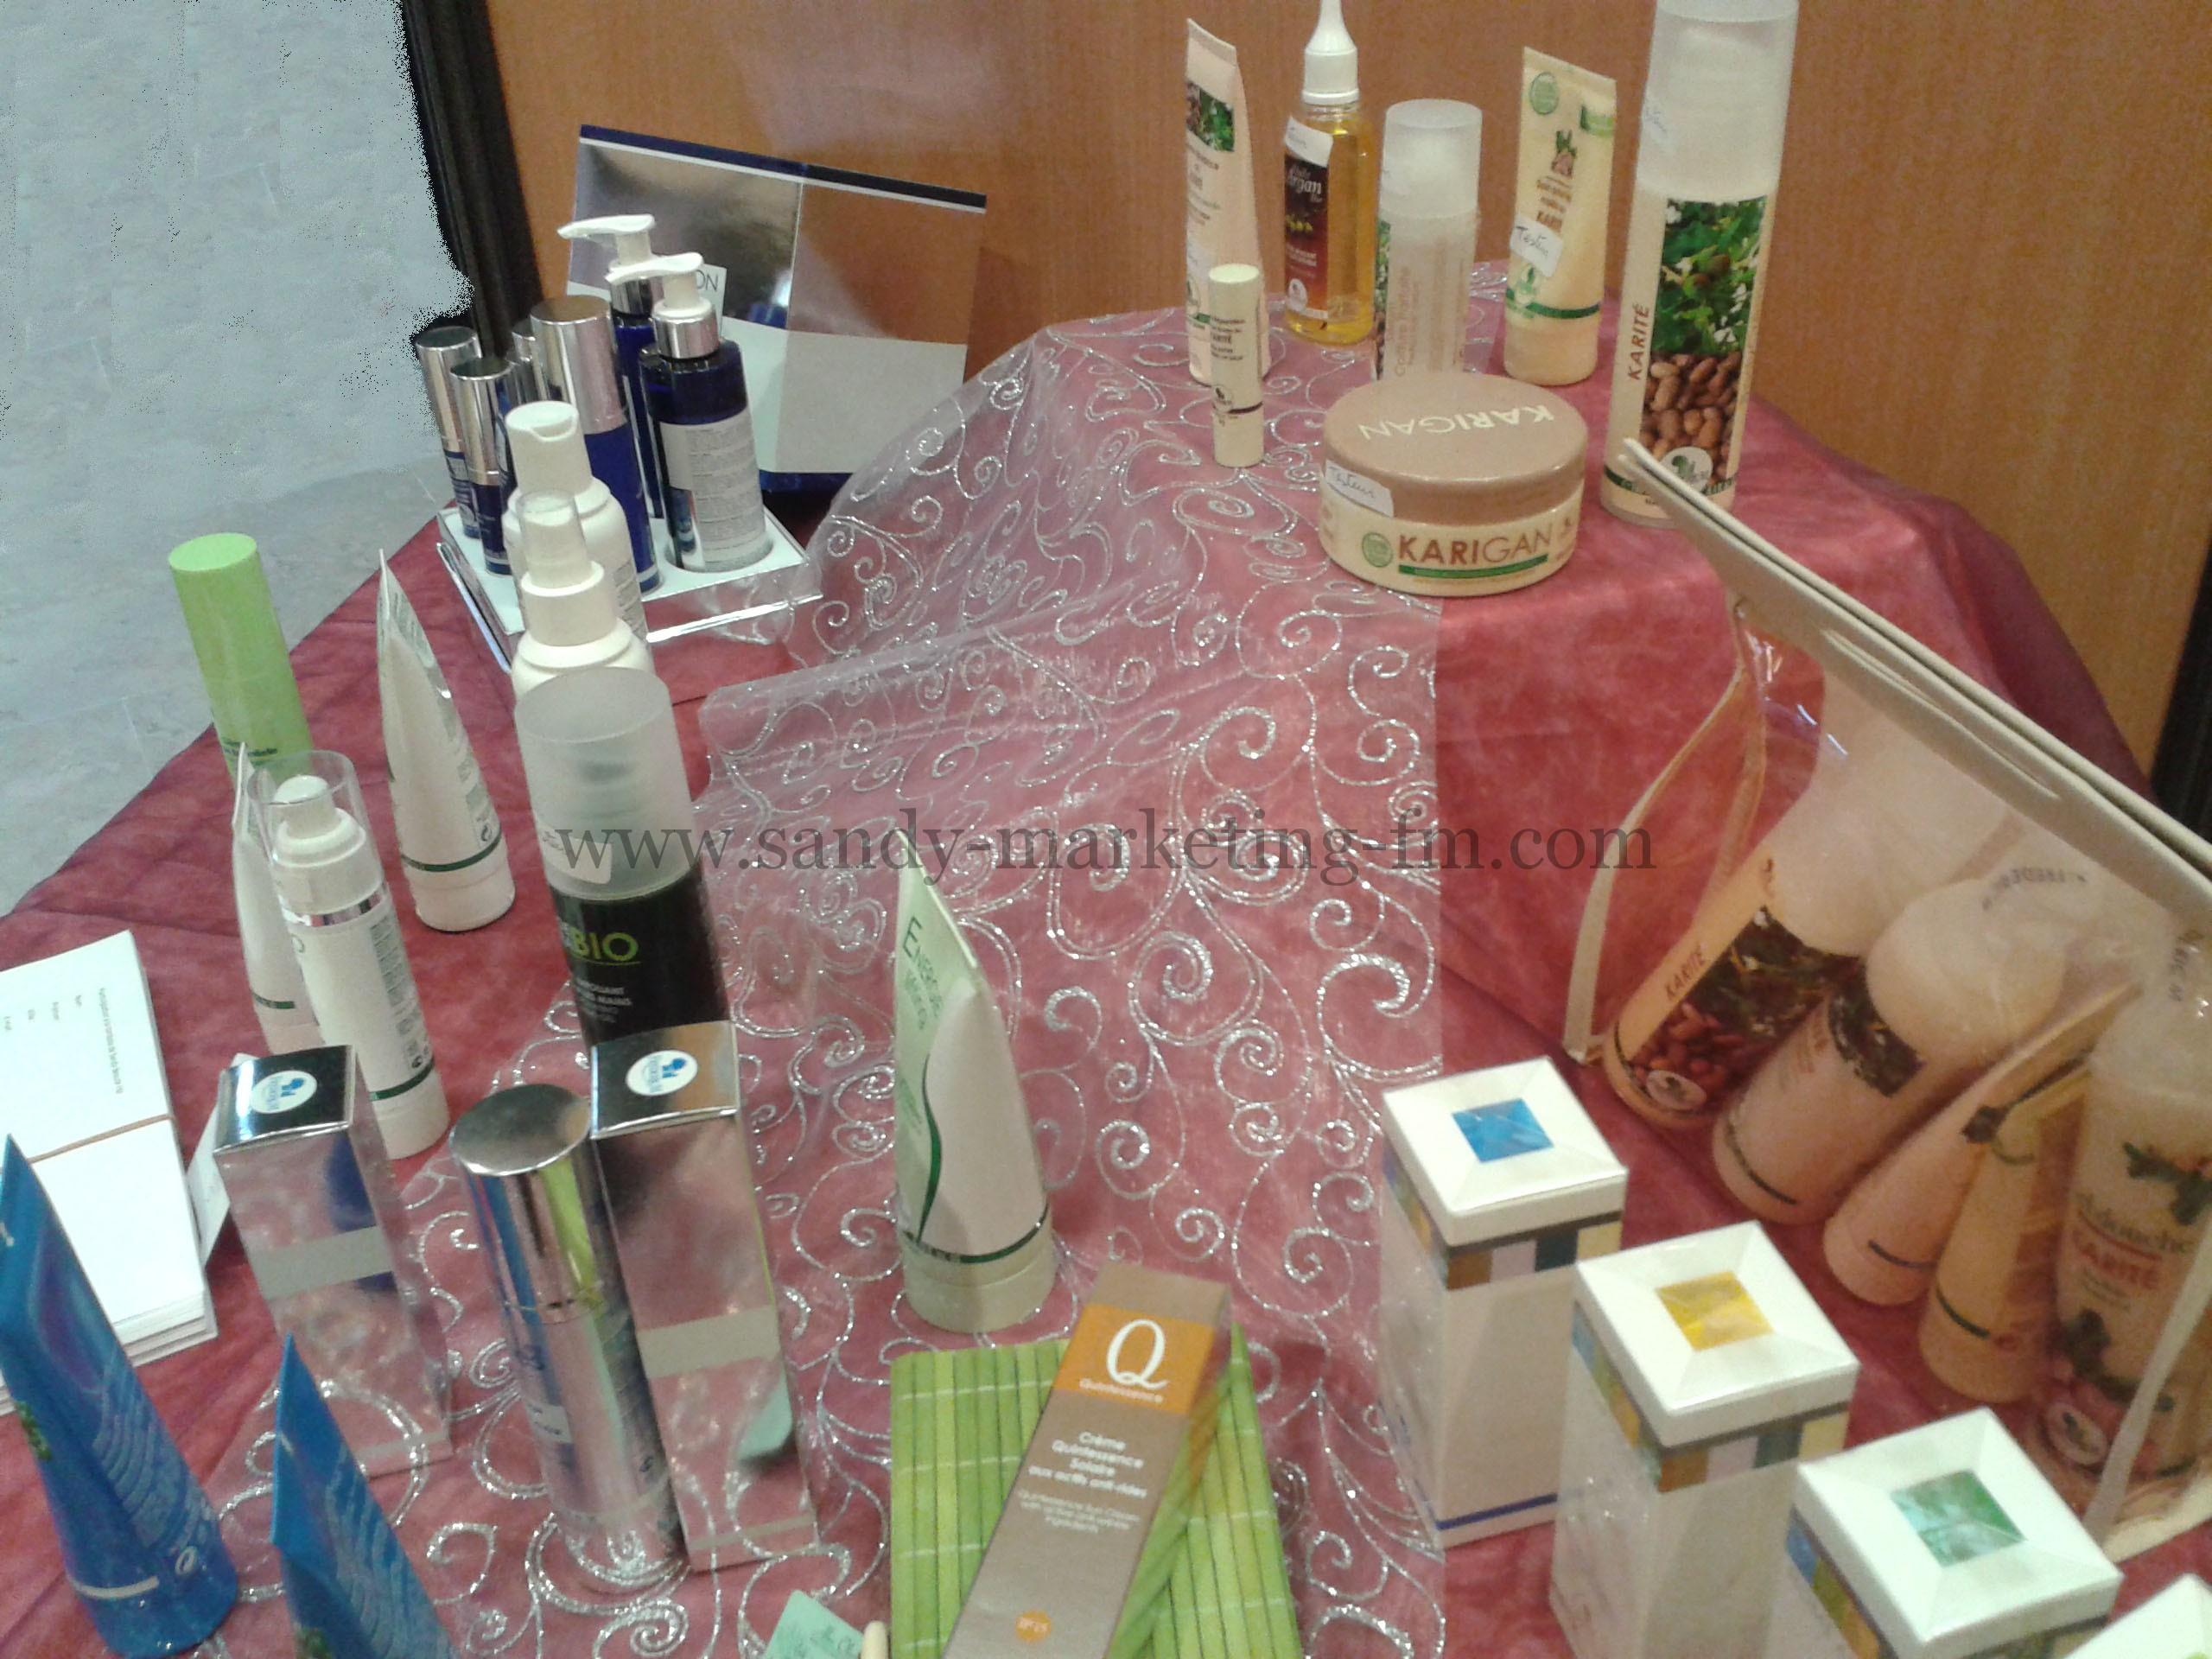 Salon du bien etre marketing de r seaumarketing de r seau - Salon du e marketing ...